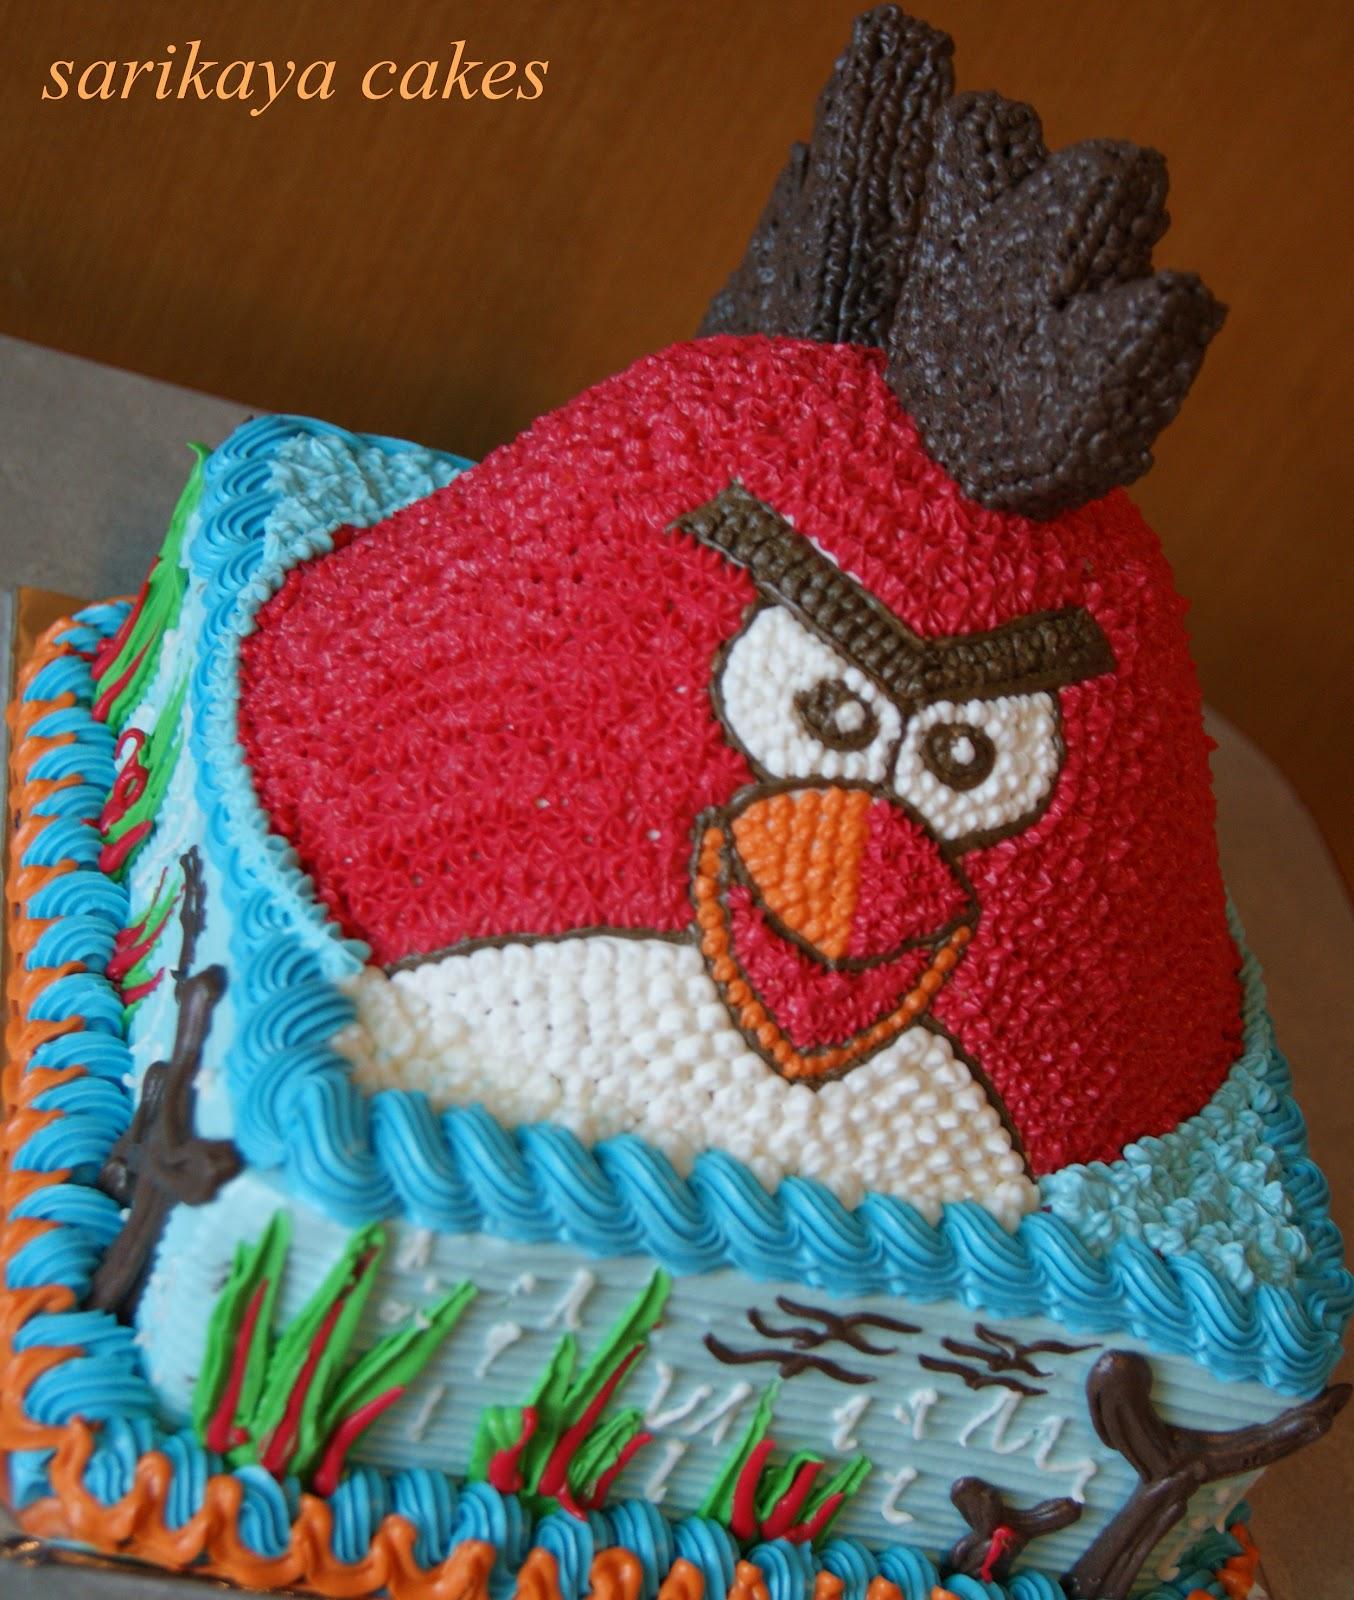 KUE ULANG TAHUN ANGRY BIRD BY SARIKAYA CAKES